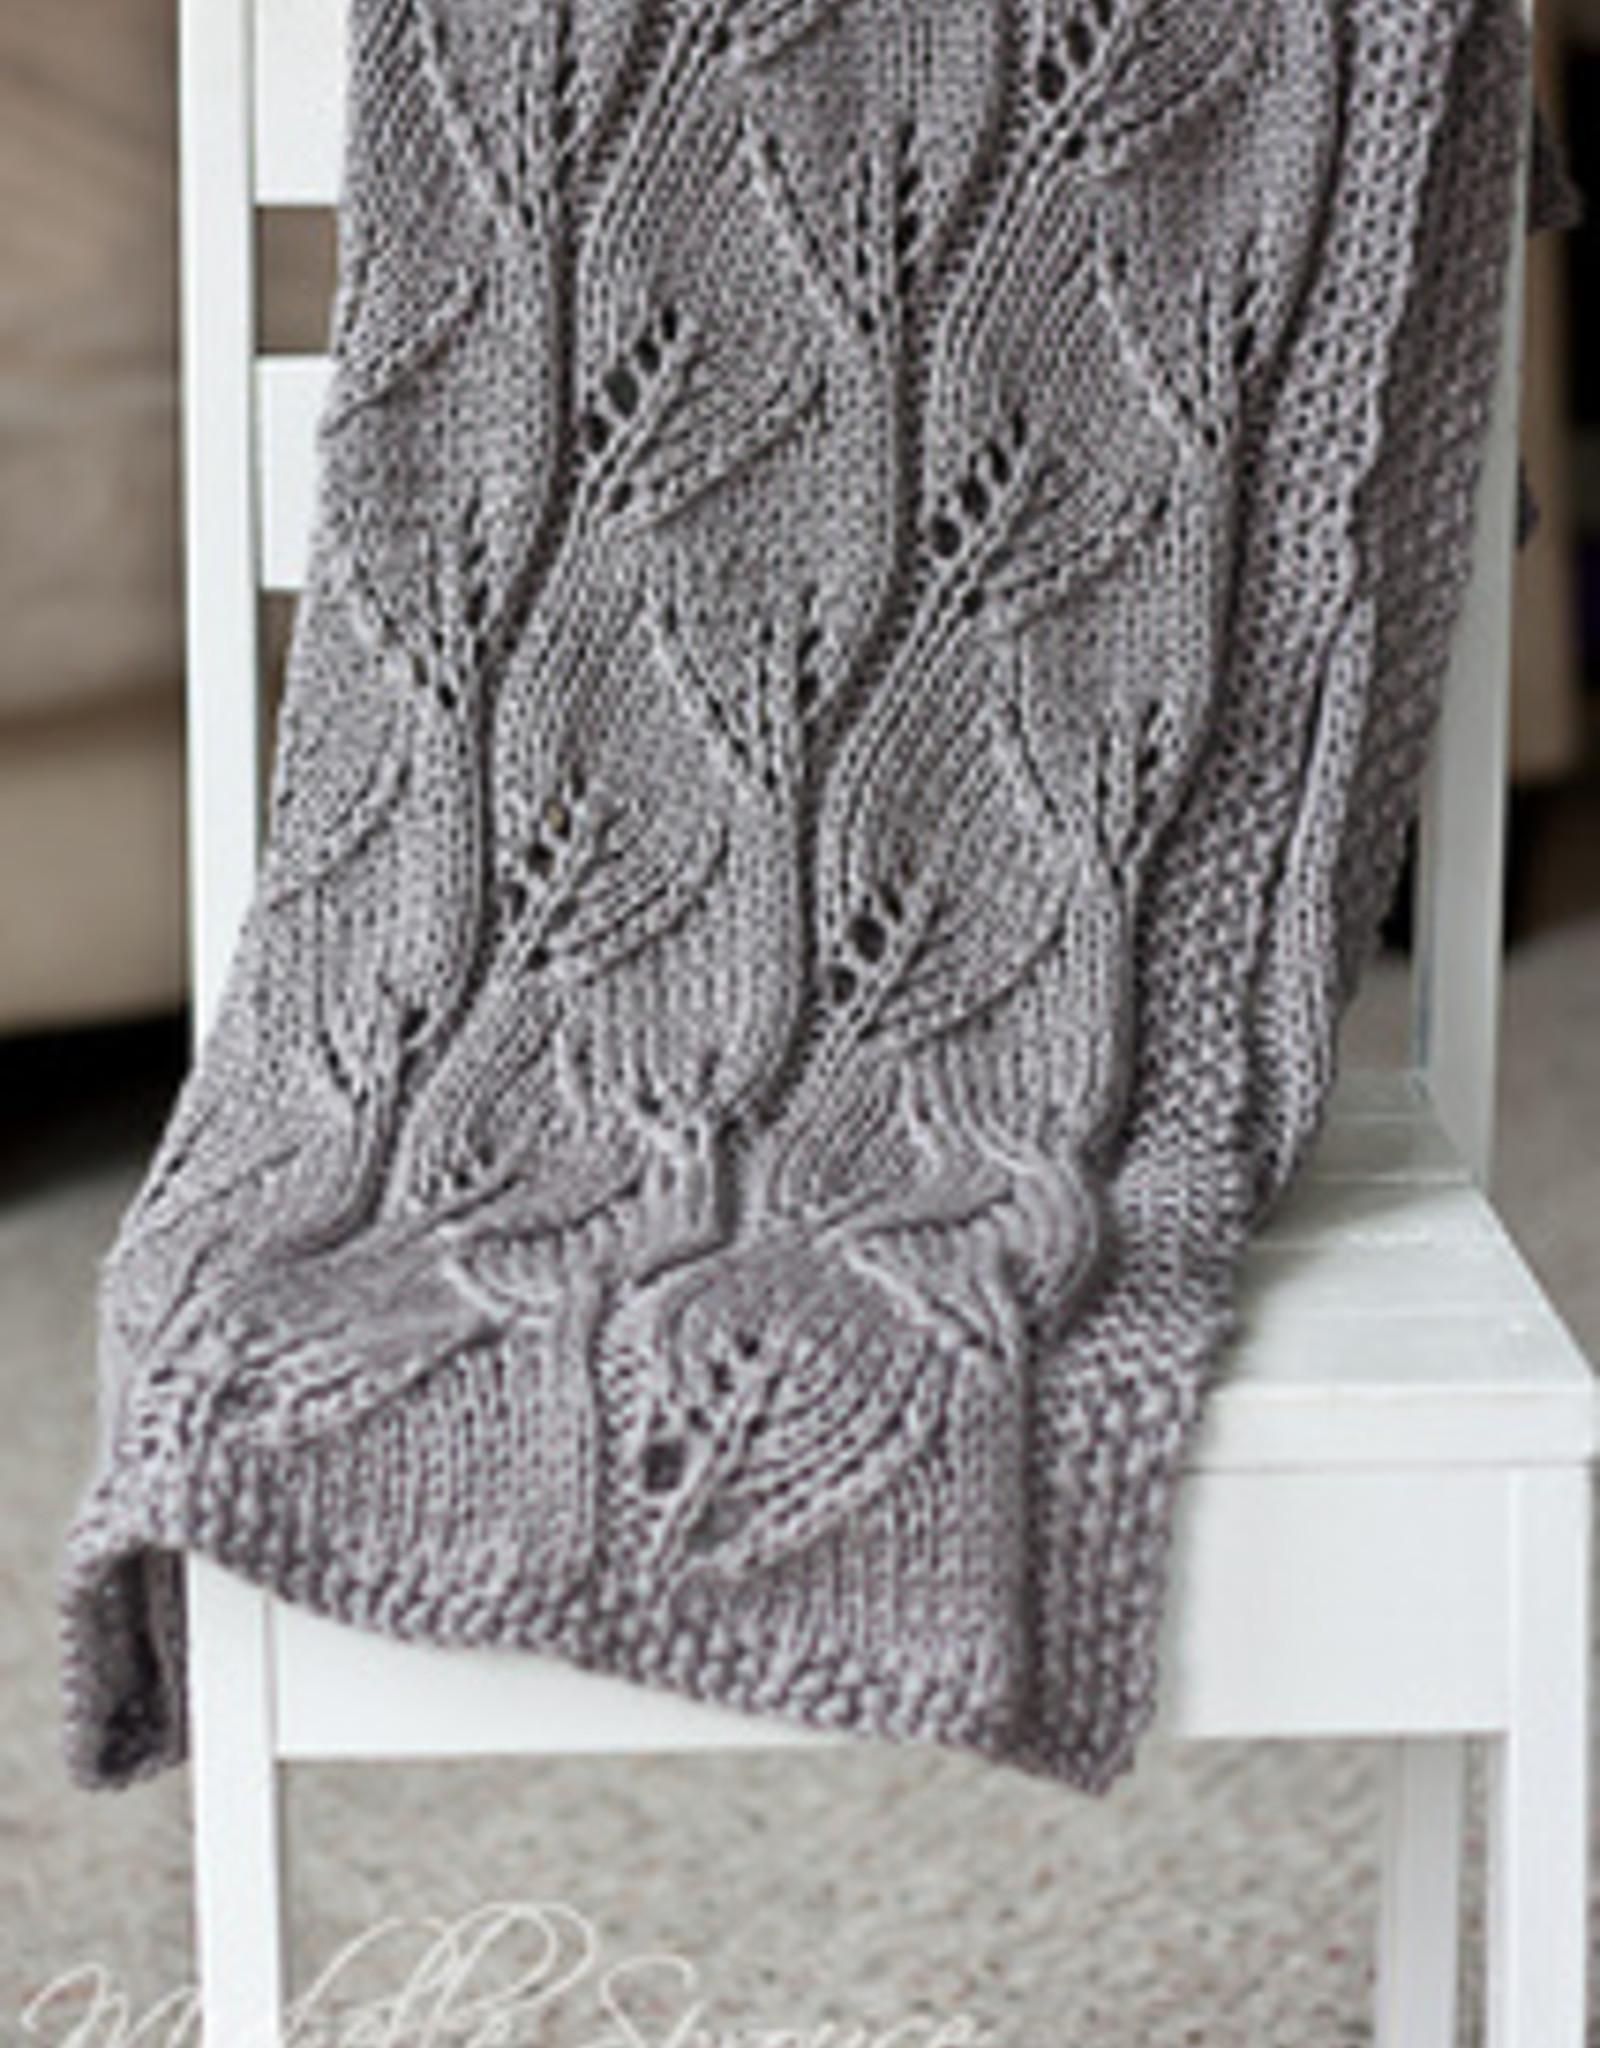 Pelotes & Cie Prêt-à-tricoter -Leafy baby blanket - Lilacs